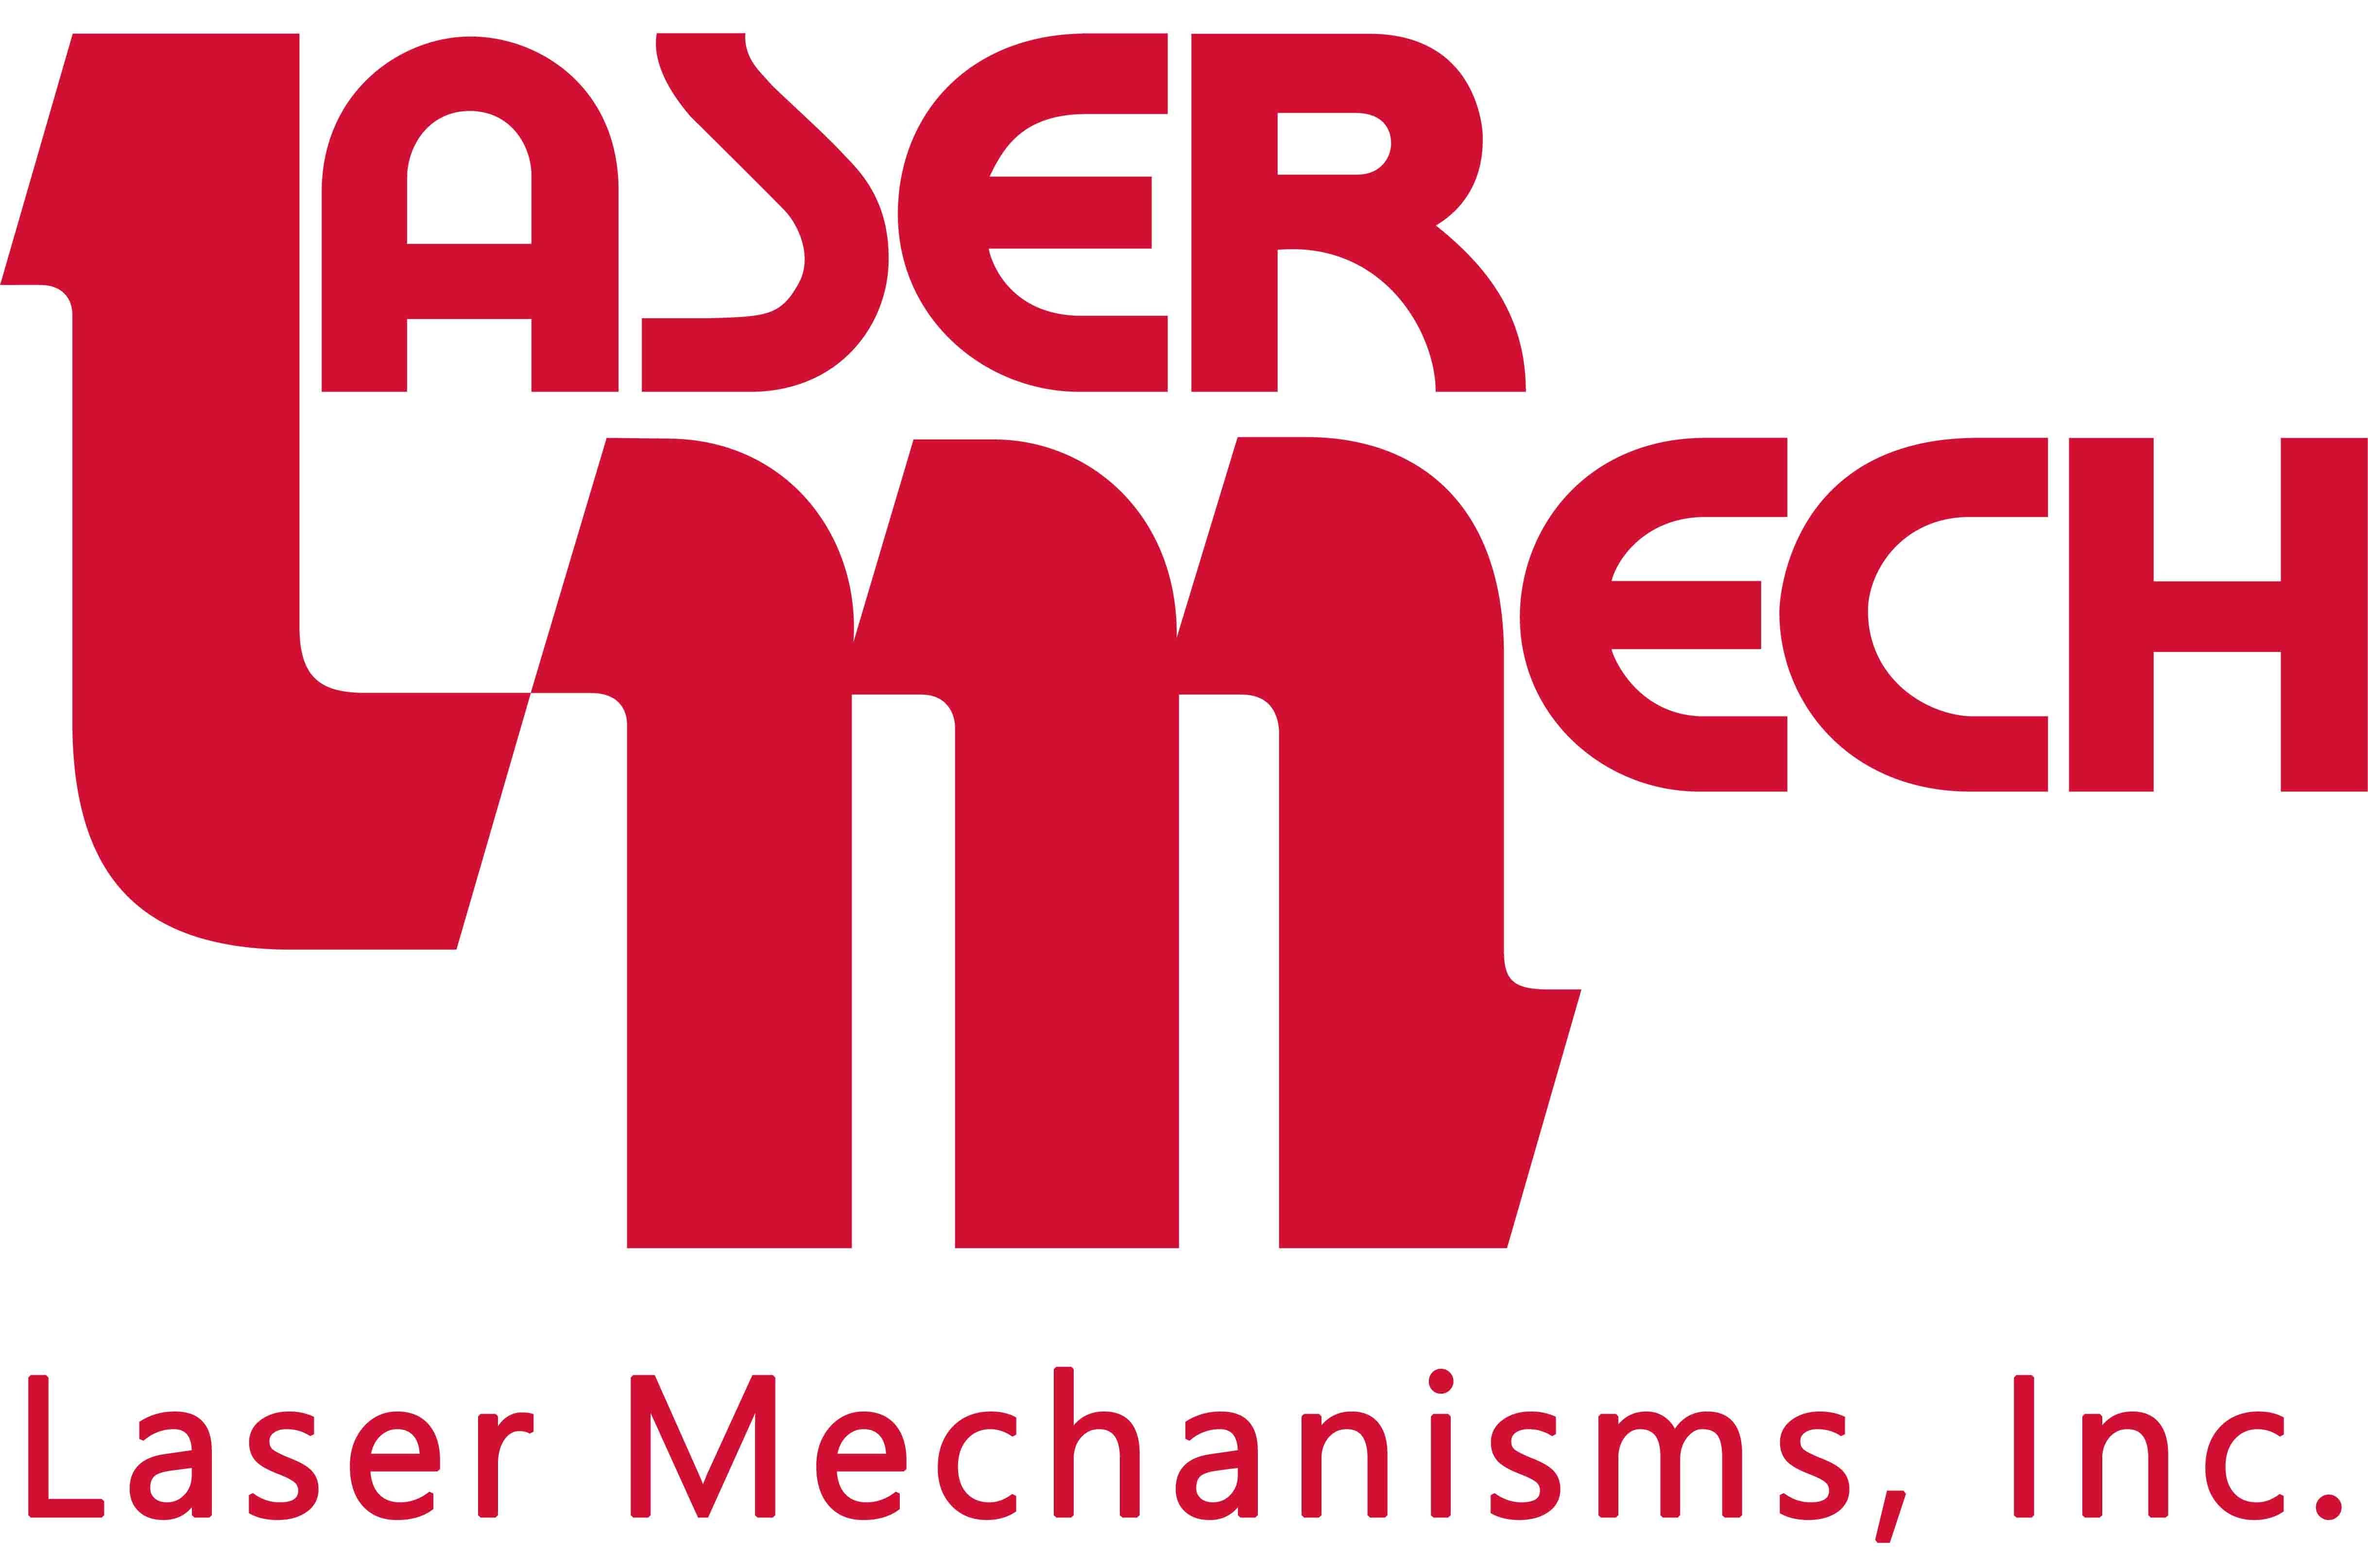 美國總公司 LaserMechanisms, Inc.